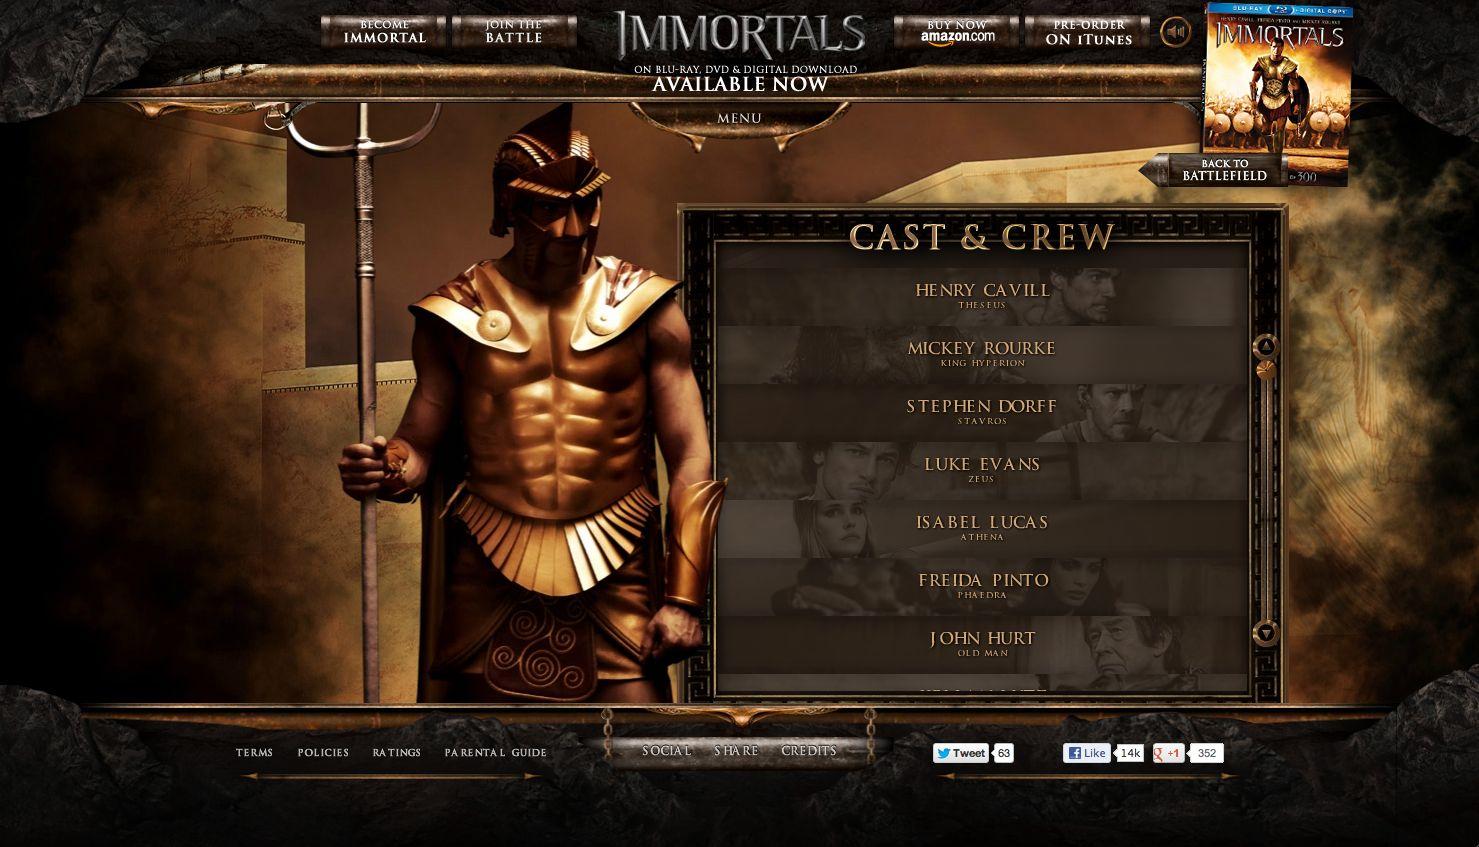 Immortals cast